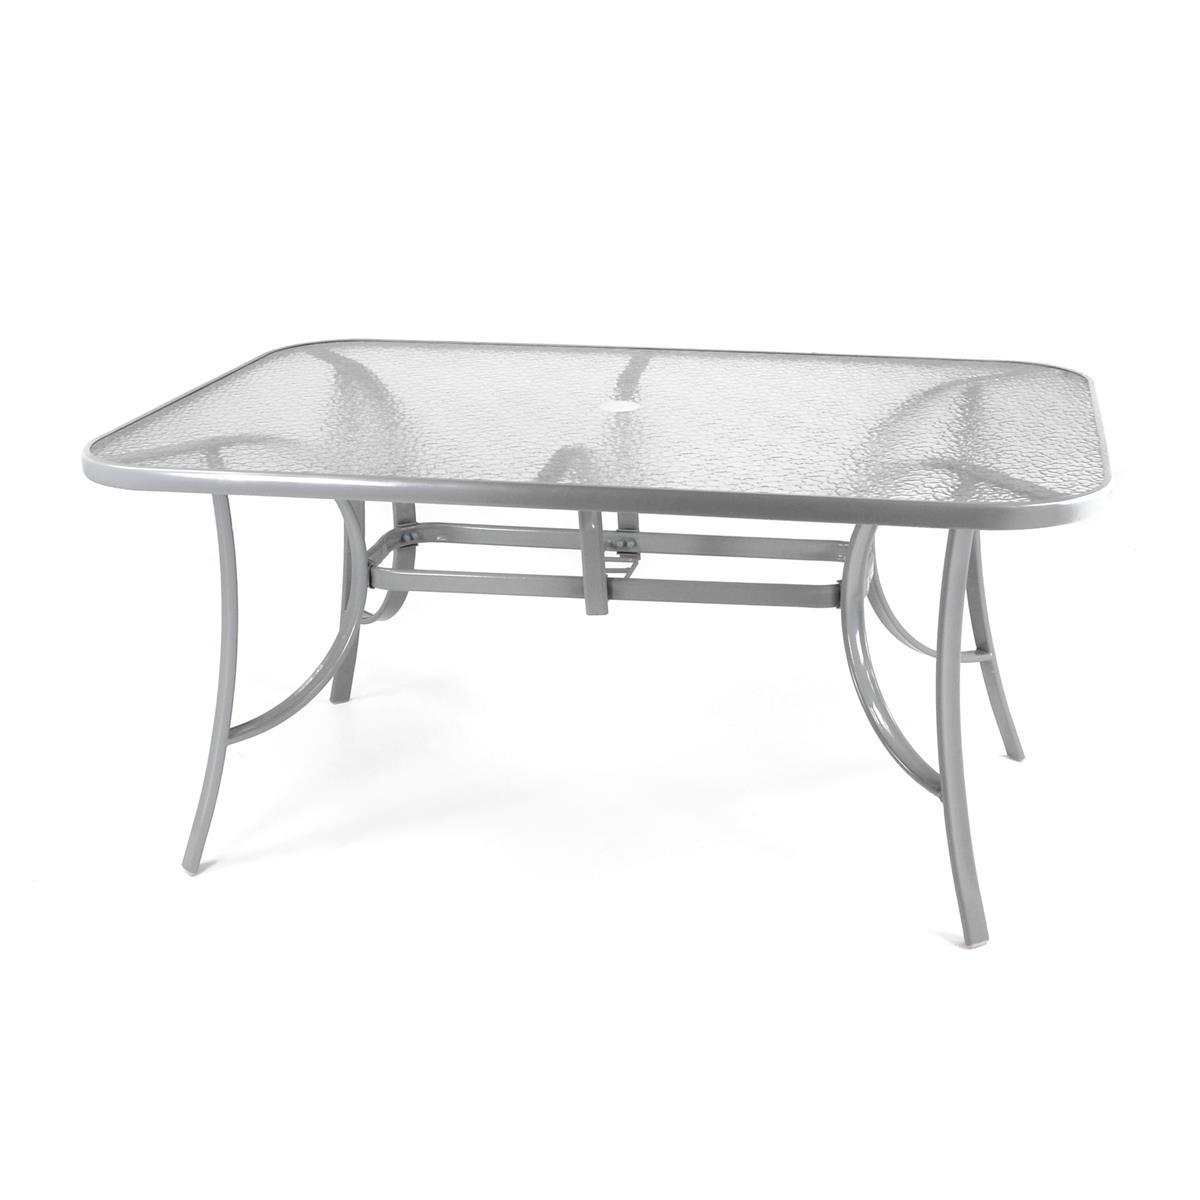 Gartentisch Esstisch Terrassentisch Glasplatte klar 150 cm - silbergrau Stahl